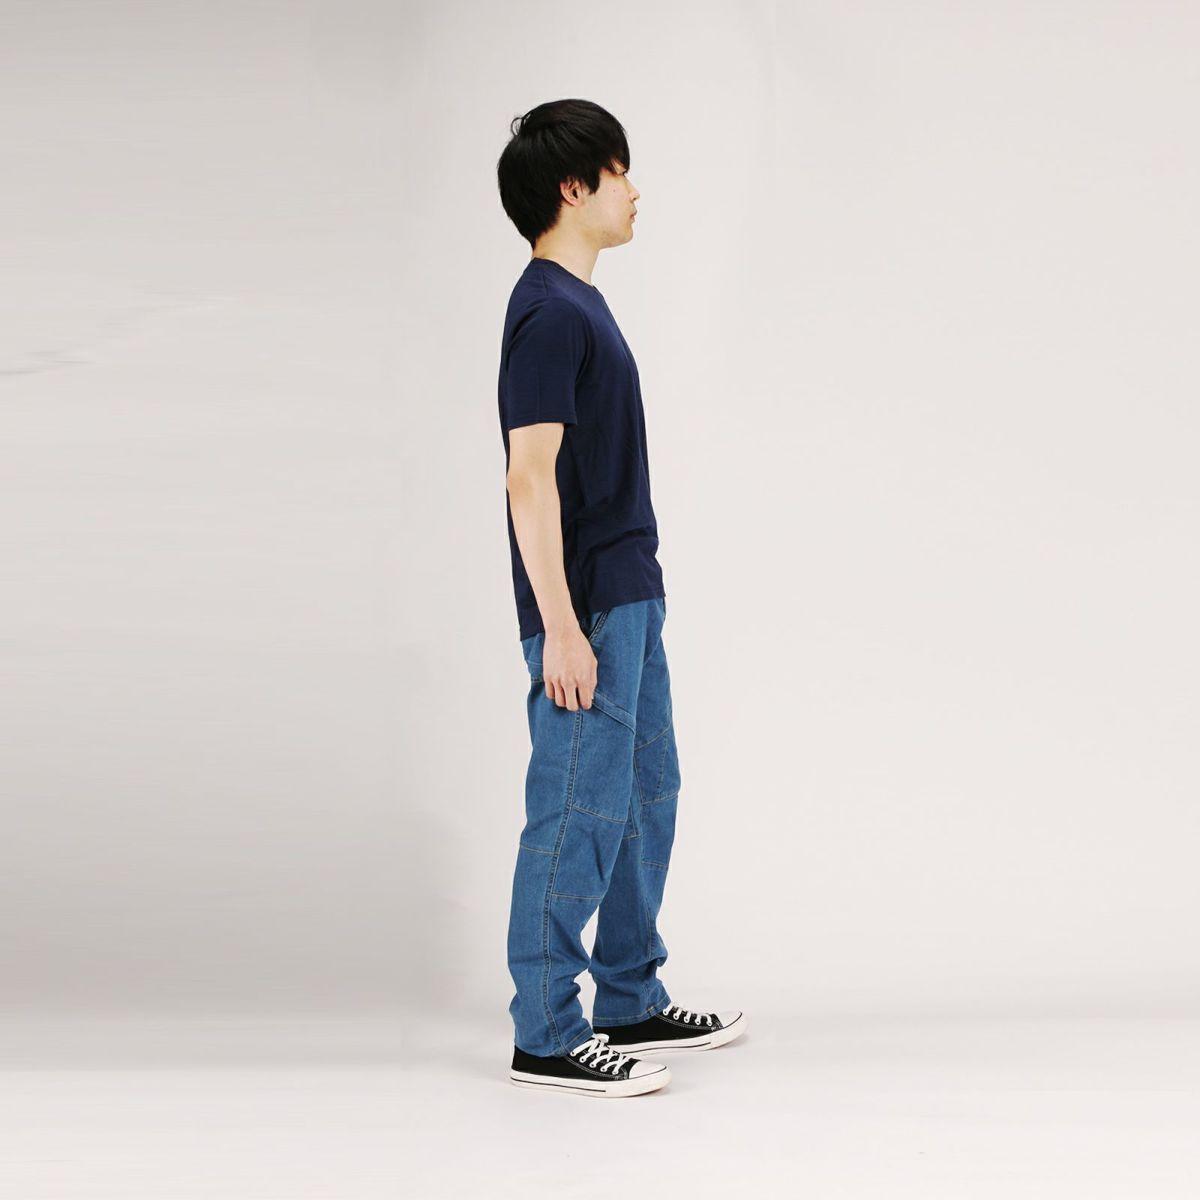 着用イメージ05[男性モデルのサイズ]身長:168cm 着用サイズ:Lサイズ